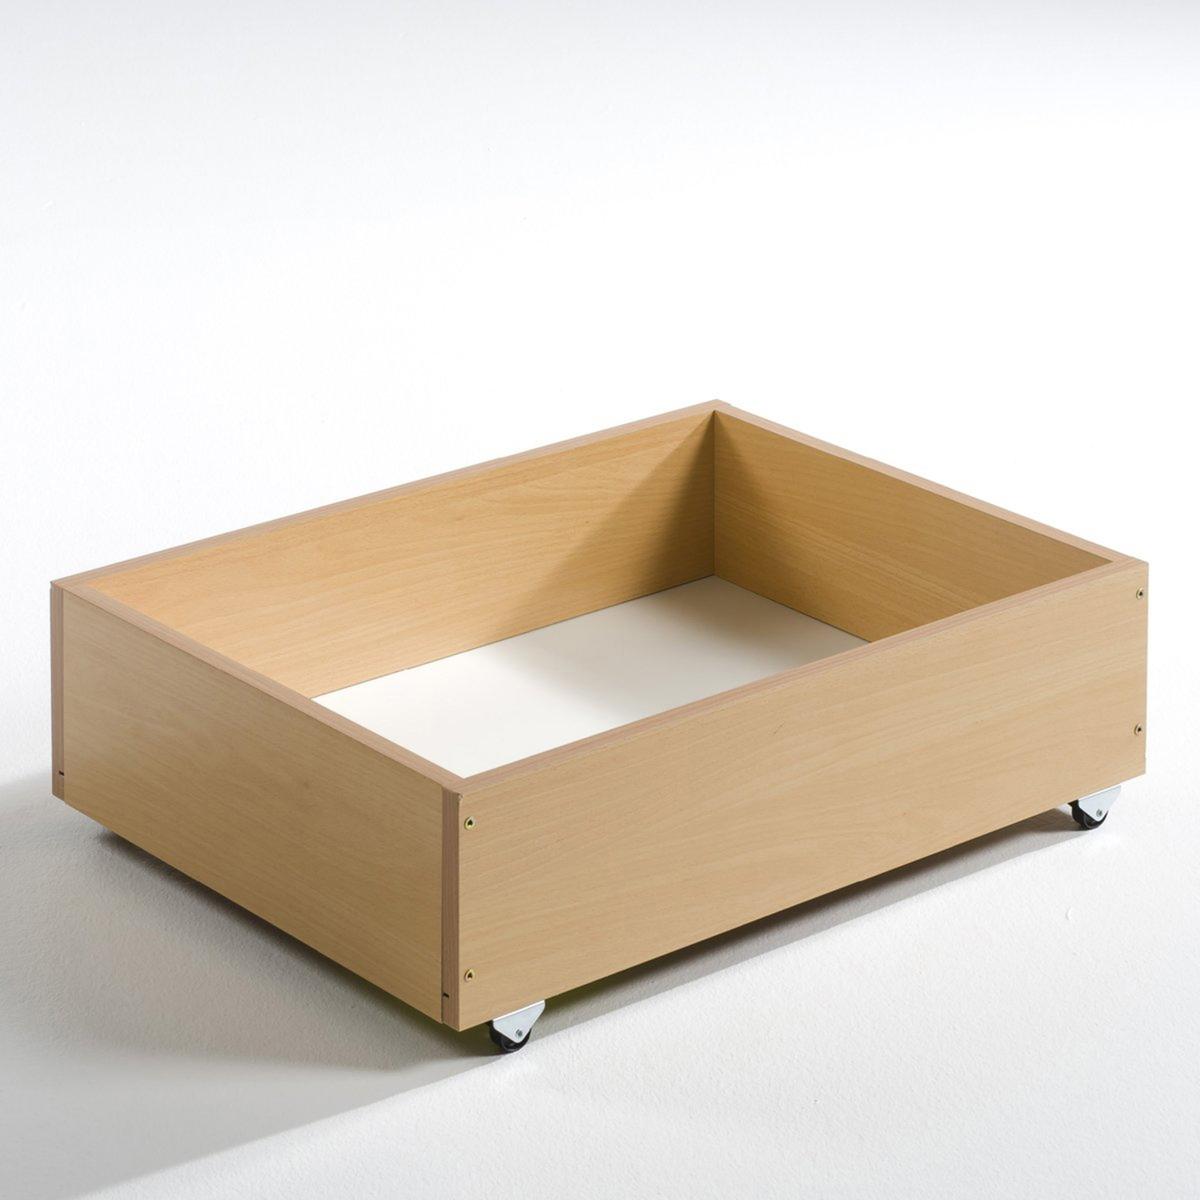 Ящик для хранения BZ из бука, 140 смЯщик для хранения BZ из бука, 140 см : специально создан для удобного хранения под диваном BZ и экипирован колесами. Сделано в Европе.Размеры ящика для хранения под диваном BZ :Высота : 13 смГлубина : 56 см.Ширина внутри : 87 смОписание ящика для хранения под диваном BZ :специально создан для удобного хранения под диваном BZ и экипирован колесами. Характеристики ящика для хранения под диваном BZ :Выполнен из ДСП.Другие модели коллекции BZ вы можете найти на сайте laredoute.ruРазмеры и вес упаковки :1 упаковка  Ш.110 x В.3,5 x Г.61 см, 8 кгДоставка:Доставка на этаж по предварительной записи!Внимание!Убедитесь в том, что размеры дверей, лестниц,лифтов позволяют доставить товар в упаковке до квартиры.<br><br>Цвет: светлое дерево бук